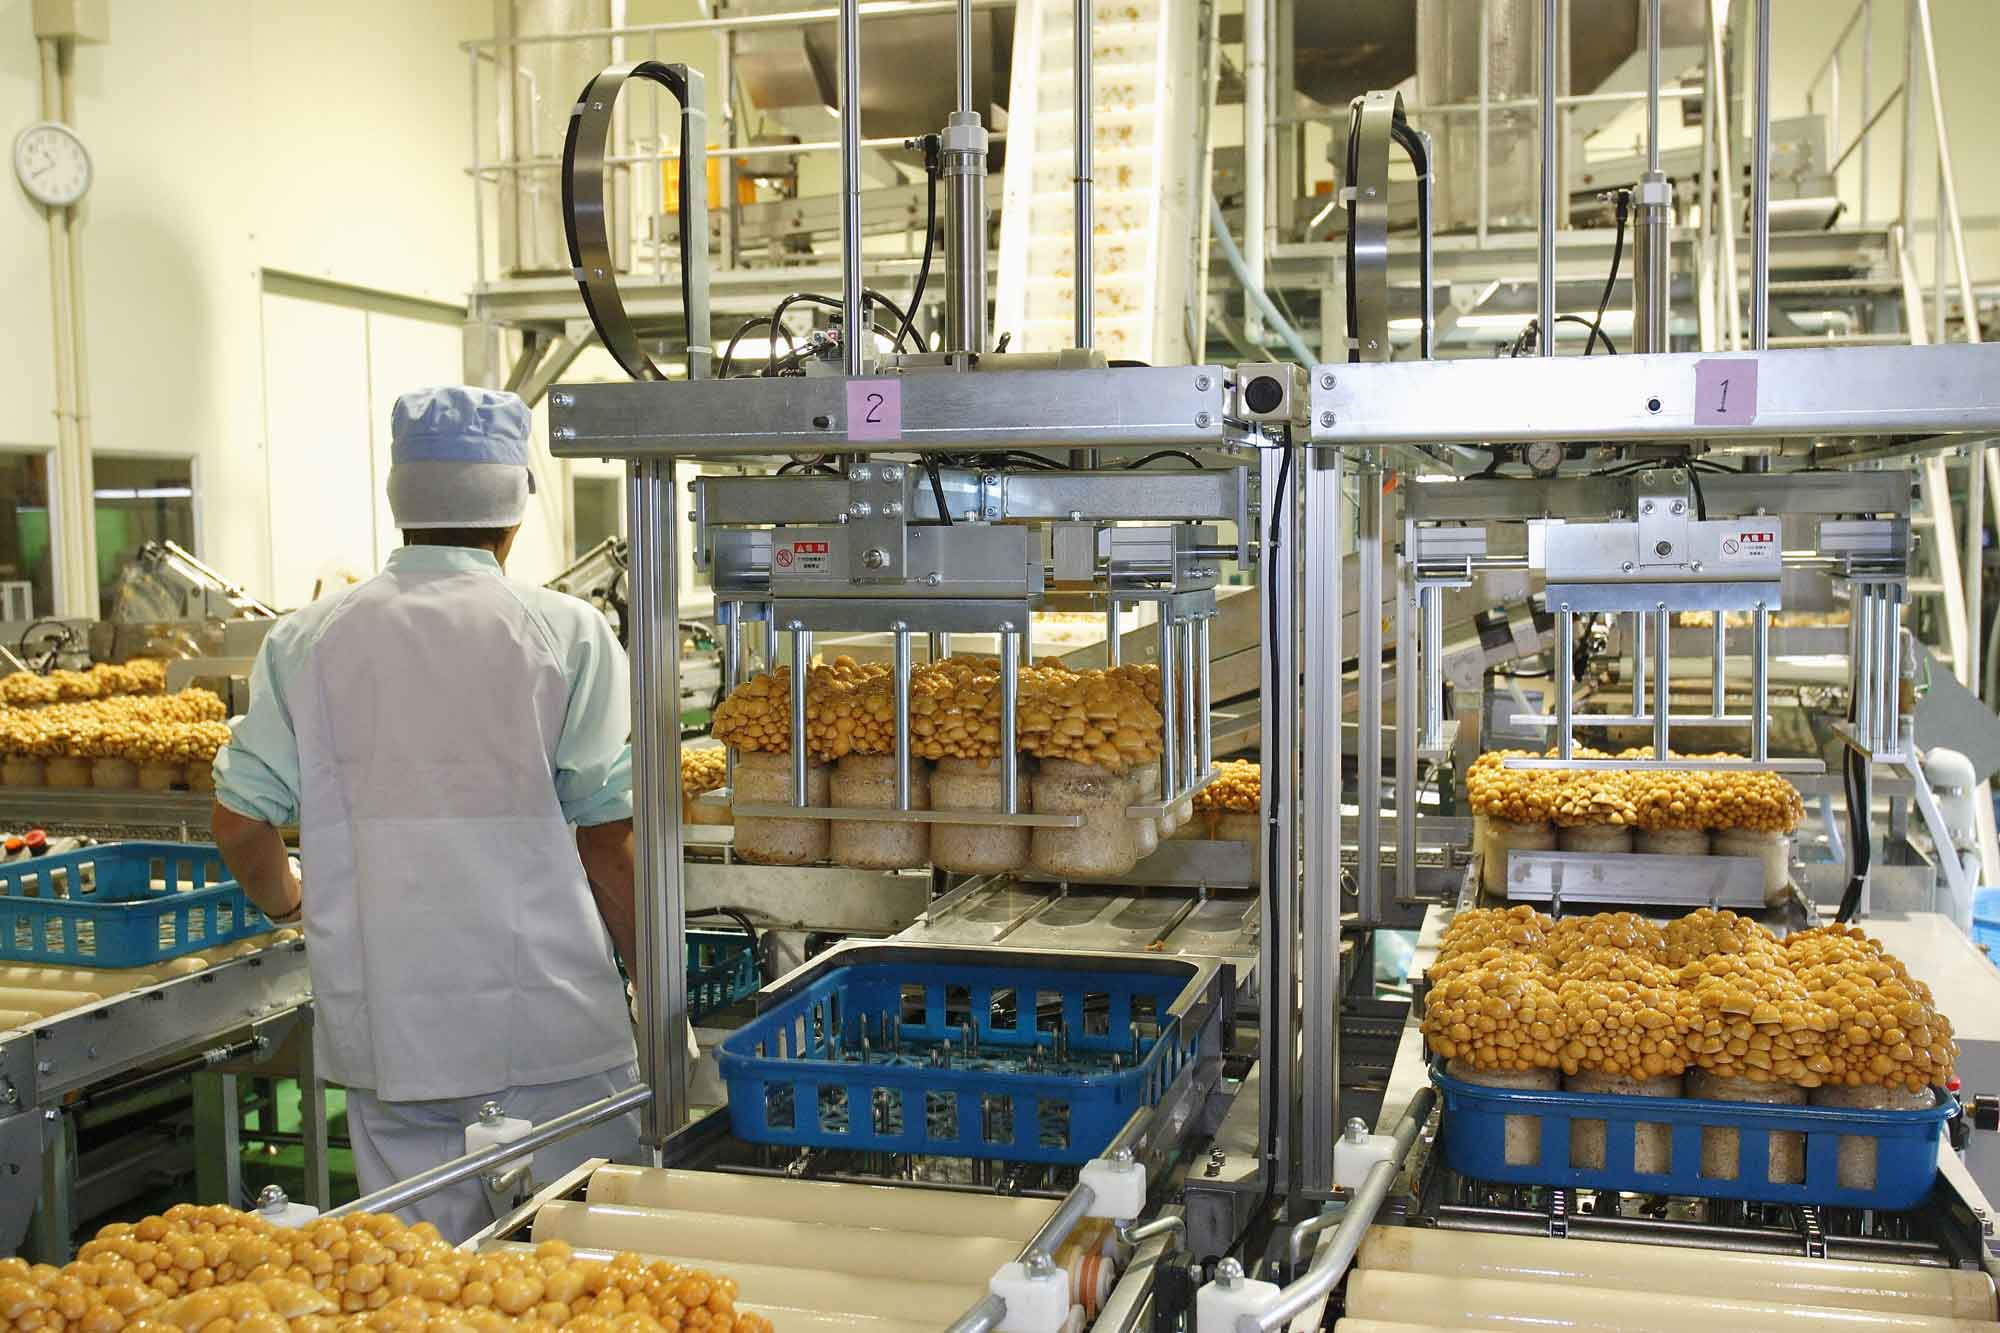 山形県アンテナショップおいしい山形 素材を訪ねて|菌床なめこ:                 なめこのサイズを選別する機械も導入されている加工場。県内外へ向けて出荷されています。